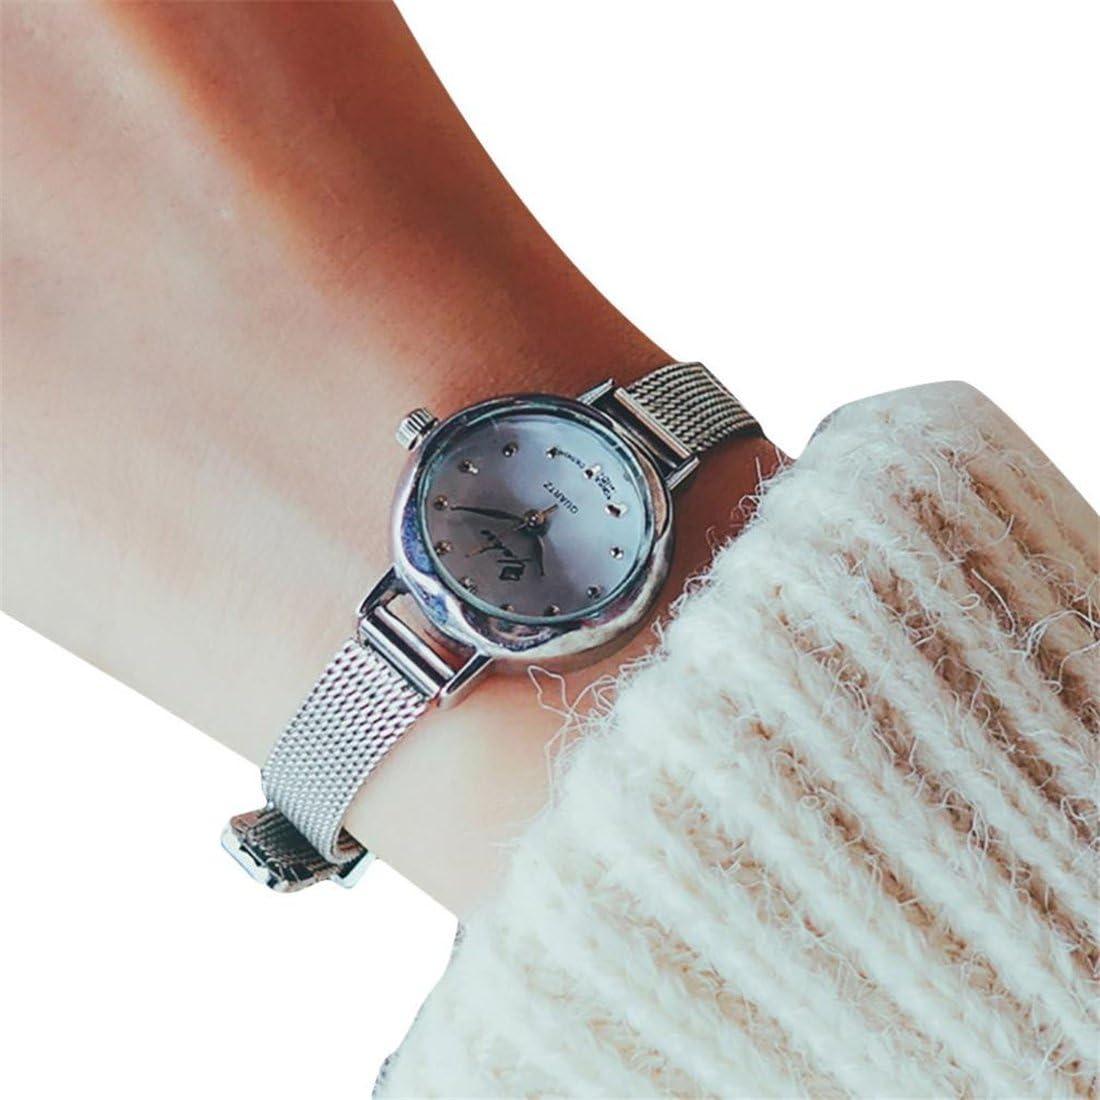 Amazon.com: HANYI - Reloj de pulsera analógico de cuarzo ...